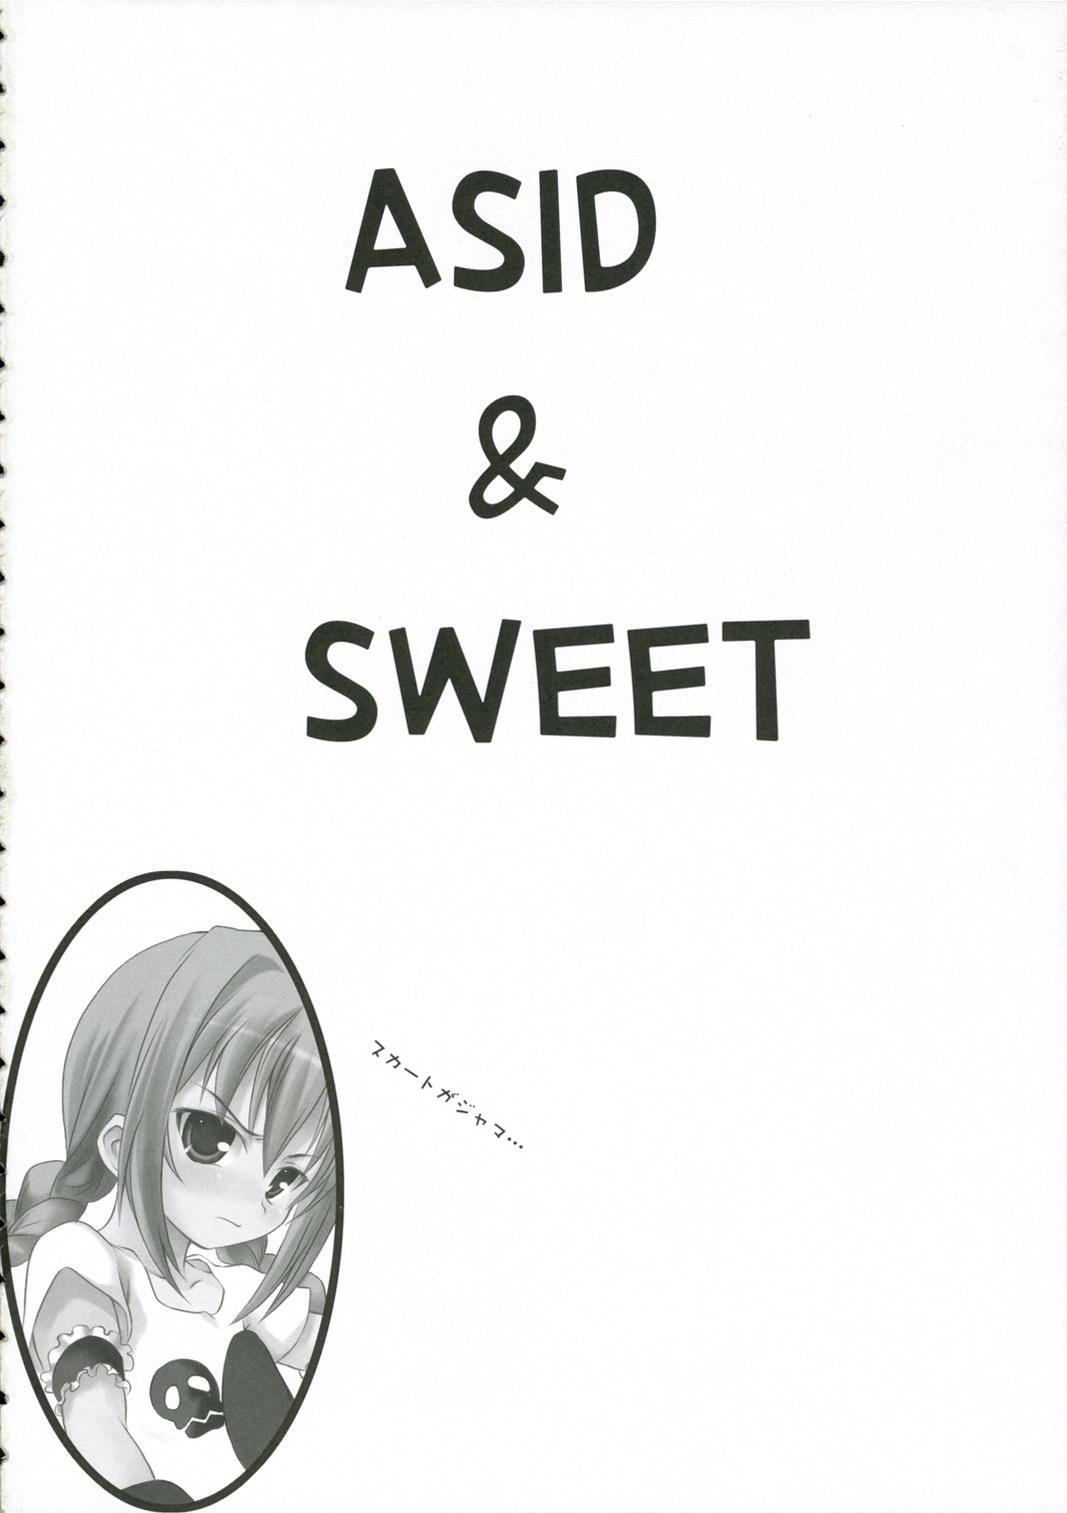 acid&sweet 34